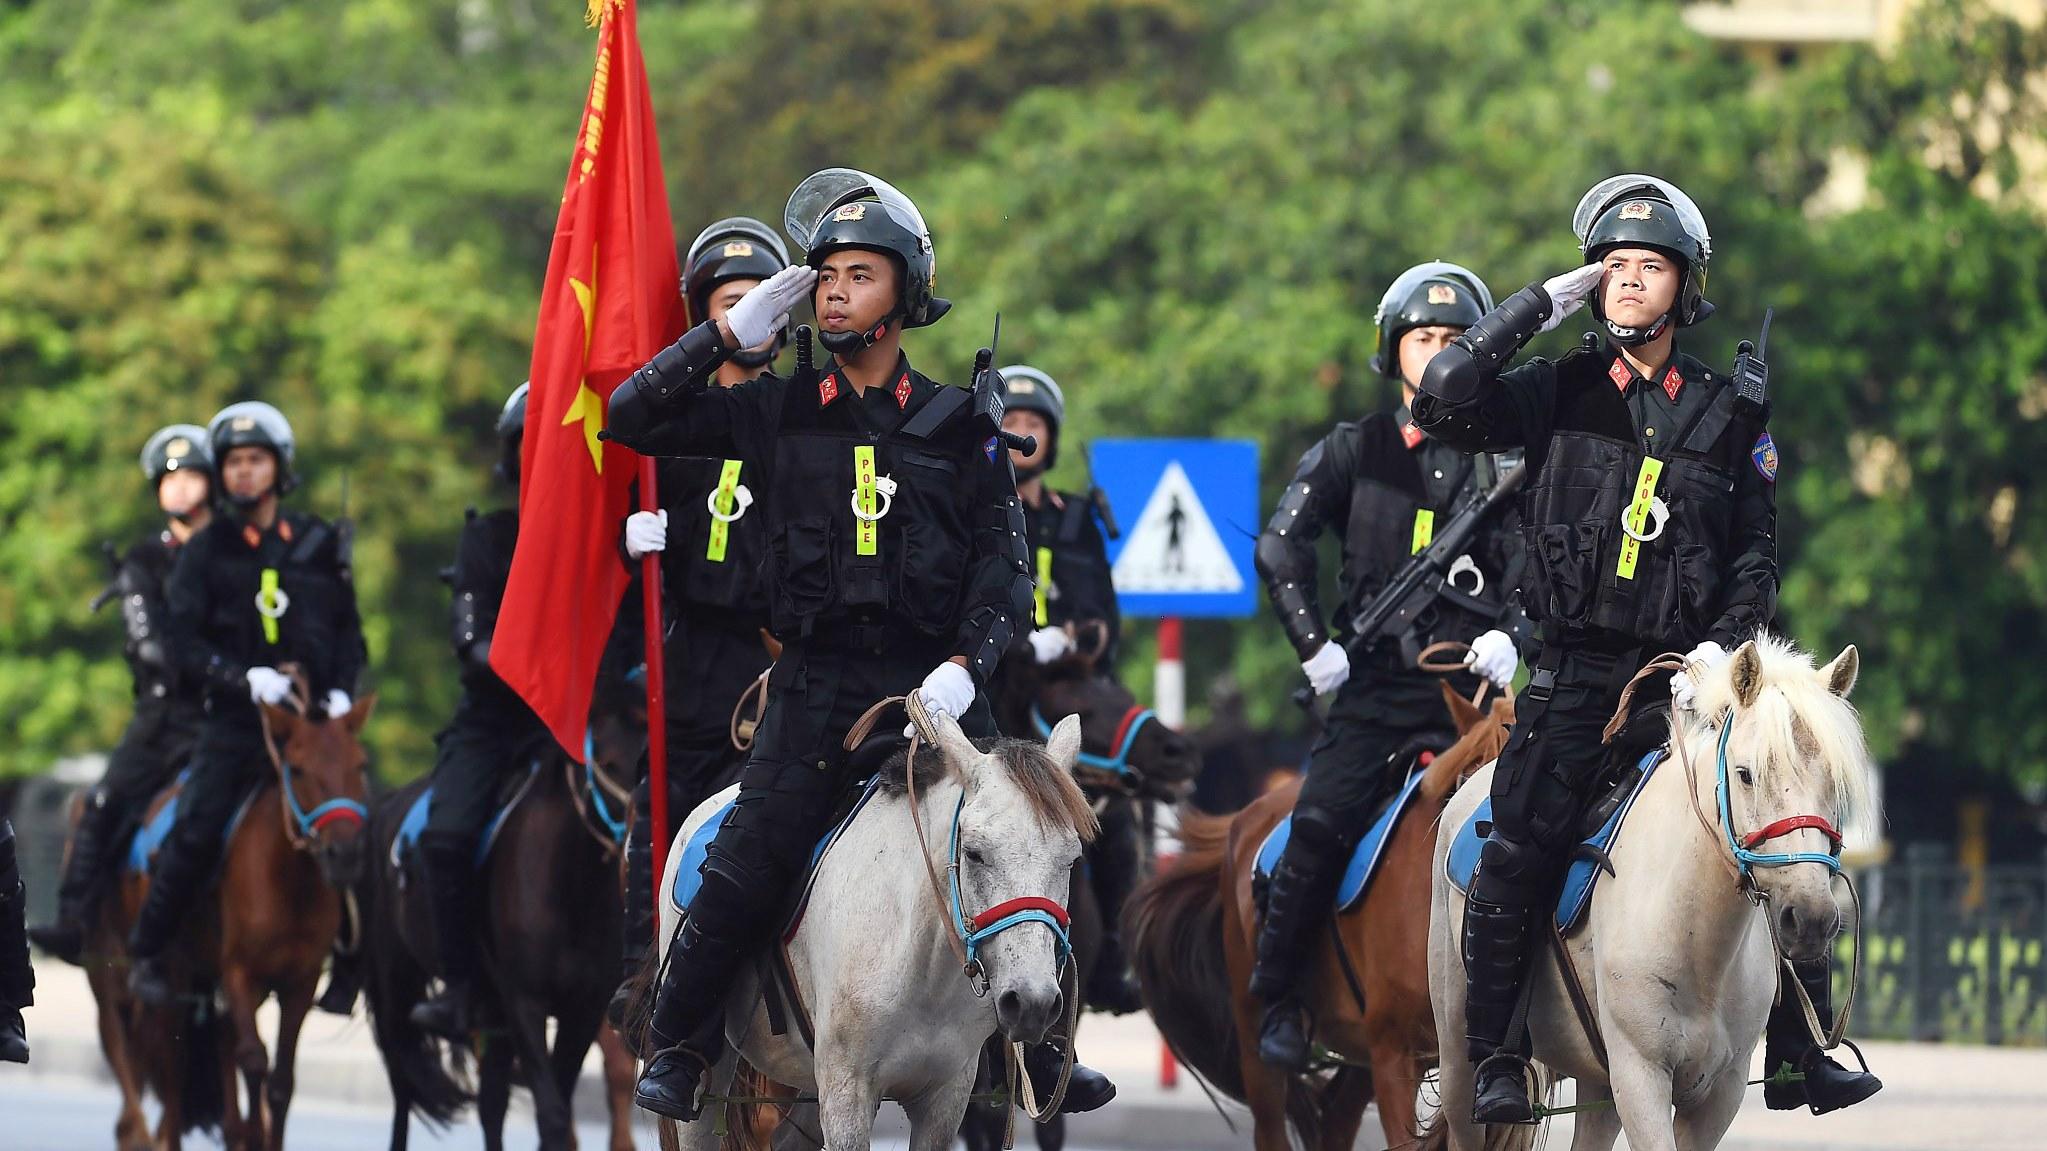 Cảnh sát cơ động kỵ binh lần đầu ra mắt